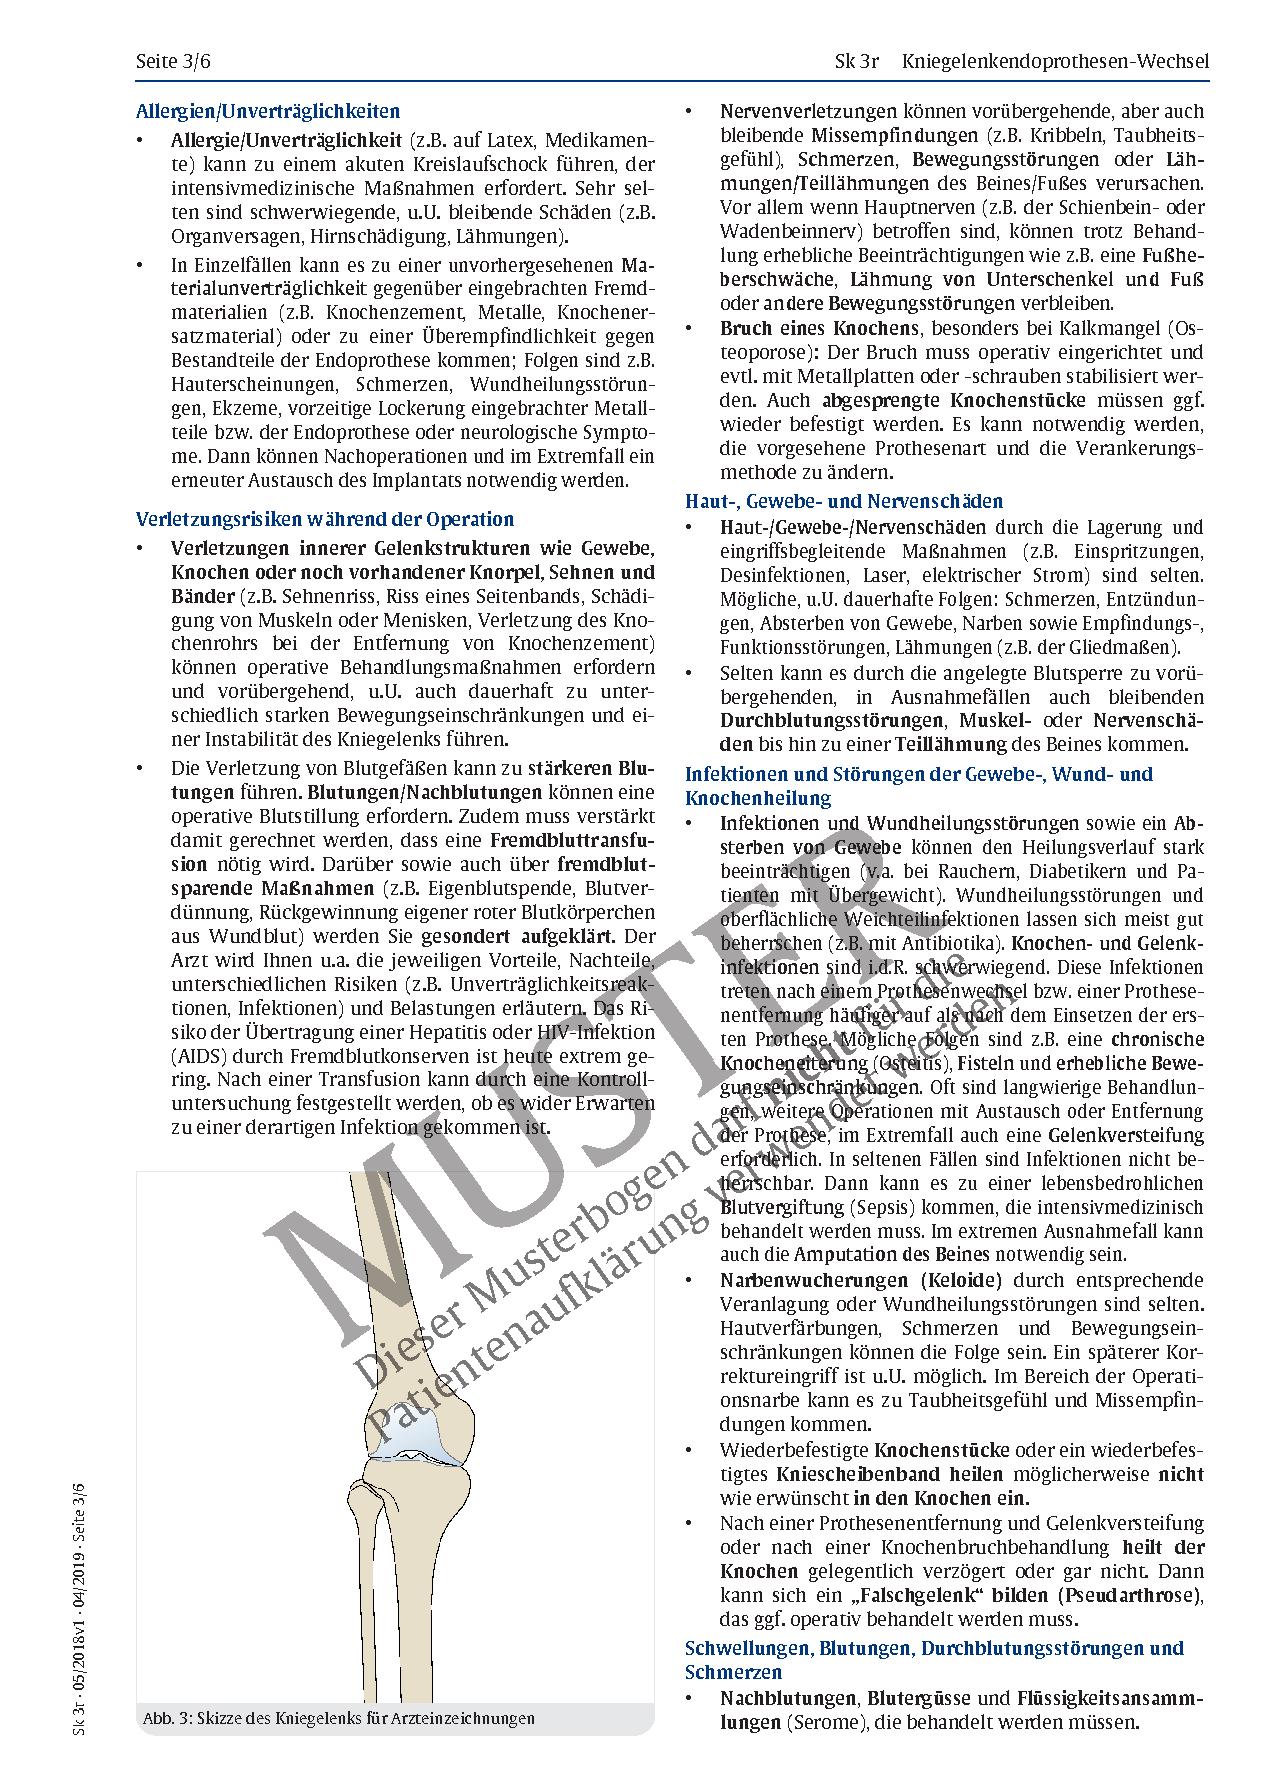 Charmant Anatomie Und Physiologie 6. Ausgabe Pdf Bilder - Anatomie ...